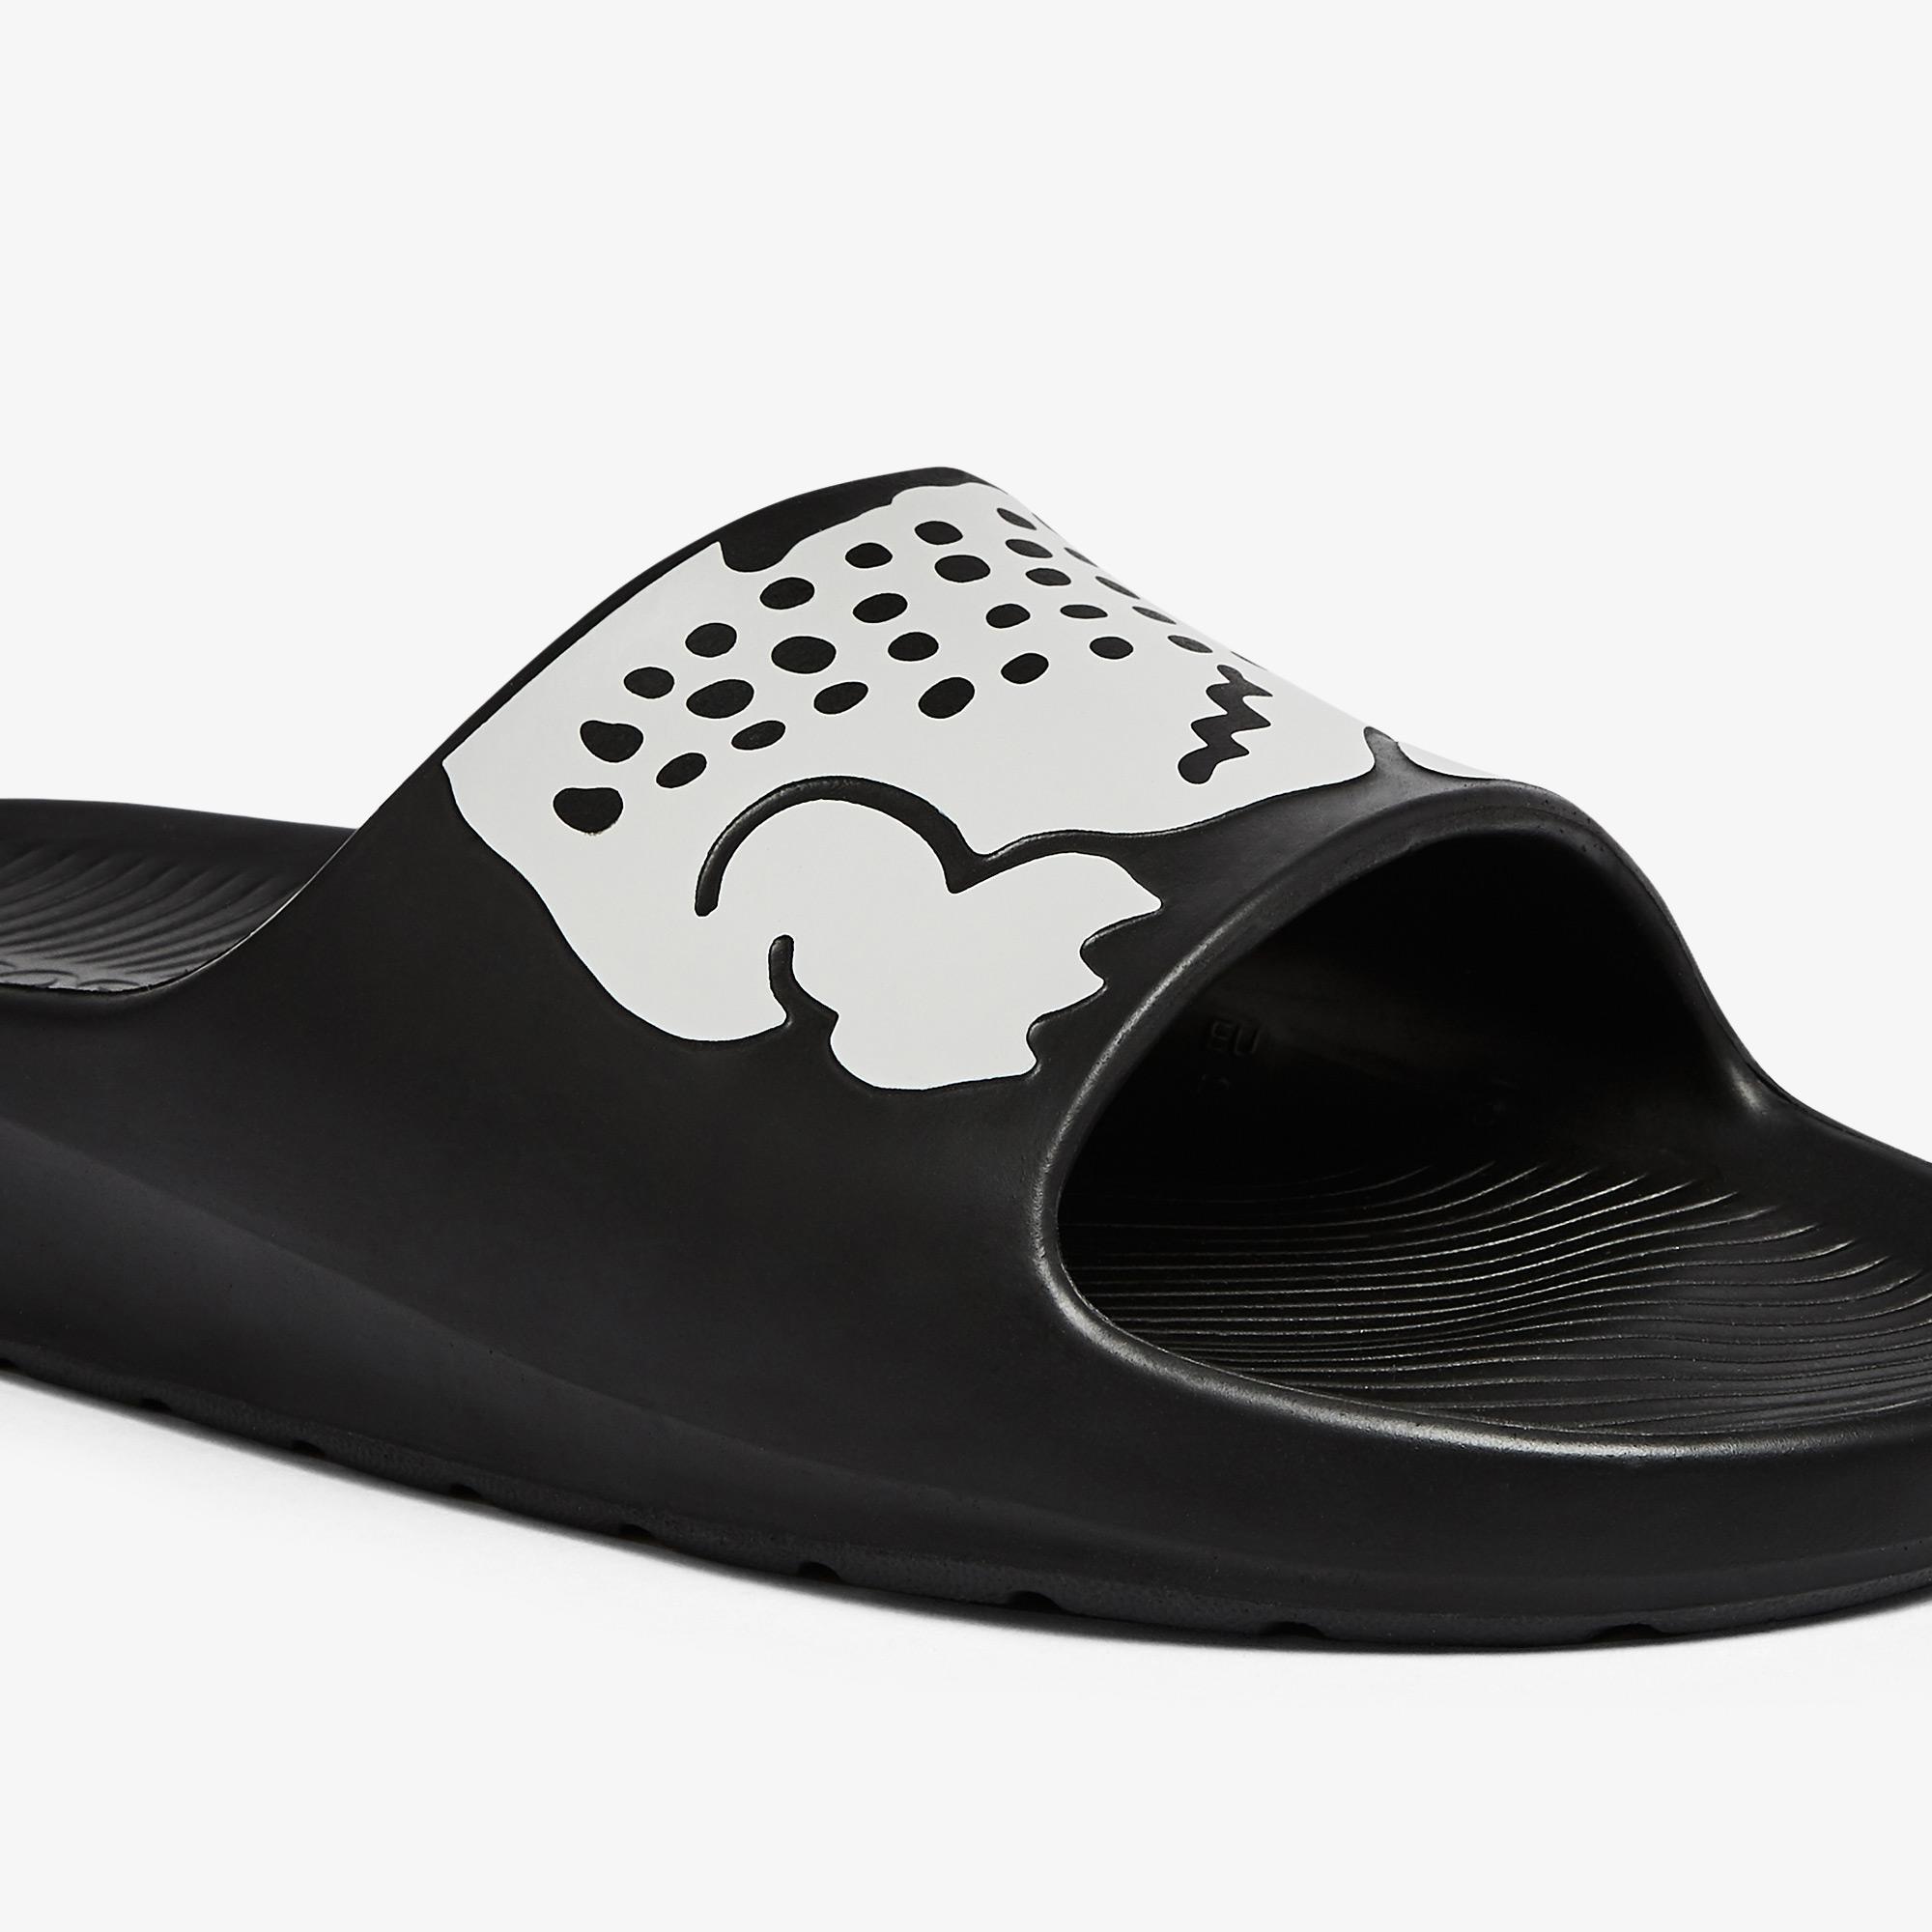 Lacoste Męskie buty Croco 2.0 0721 2 Cma